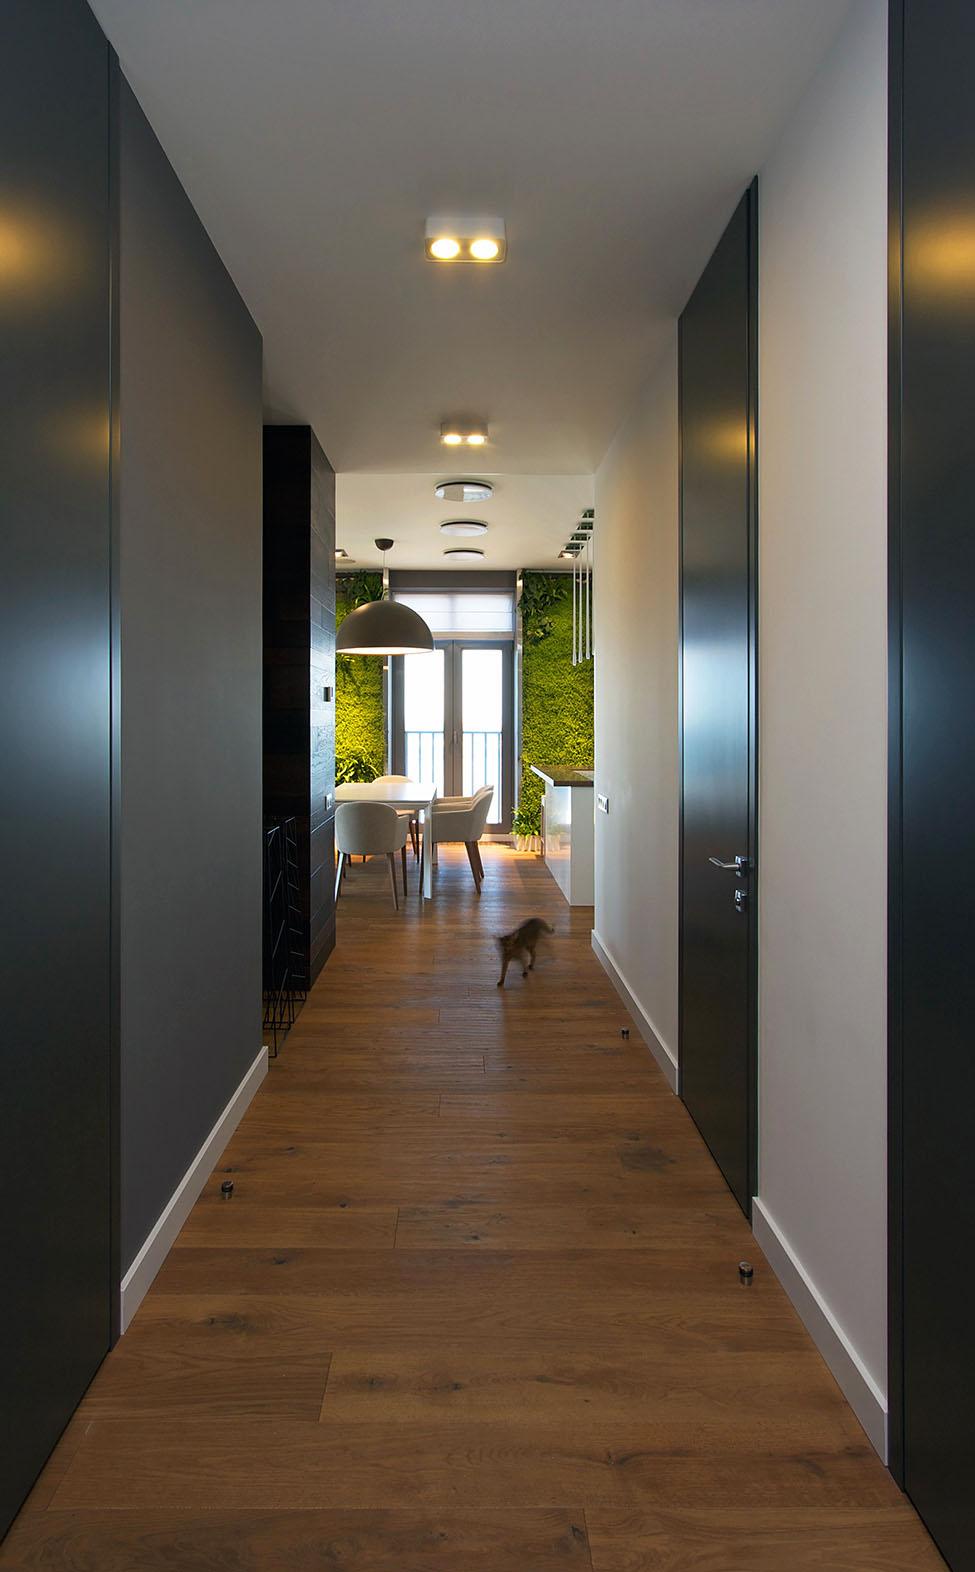 Apartament in Dnepr cu gradini verticale